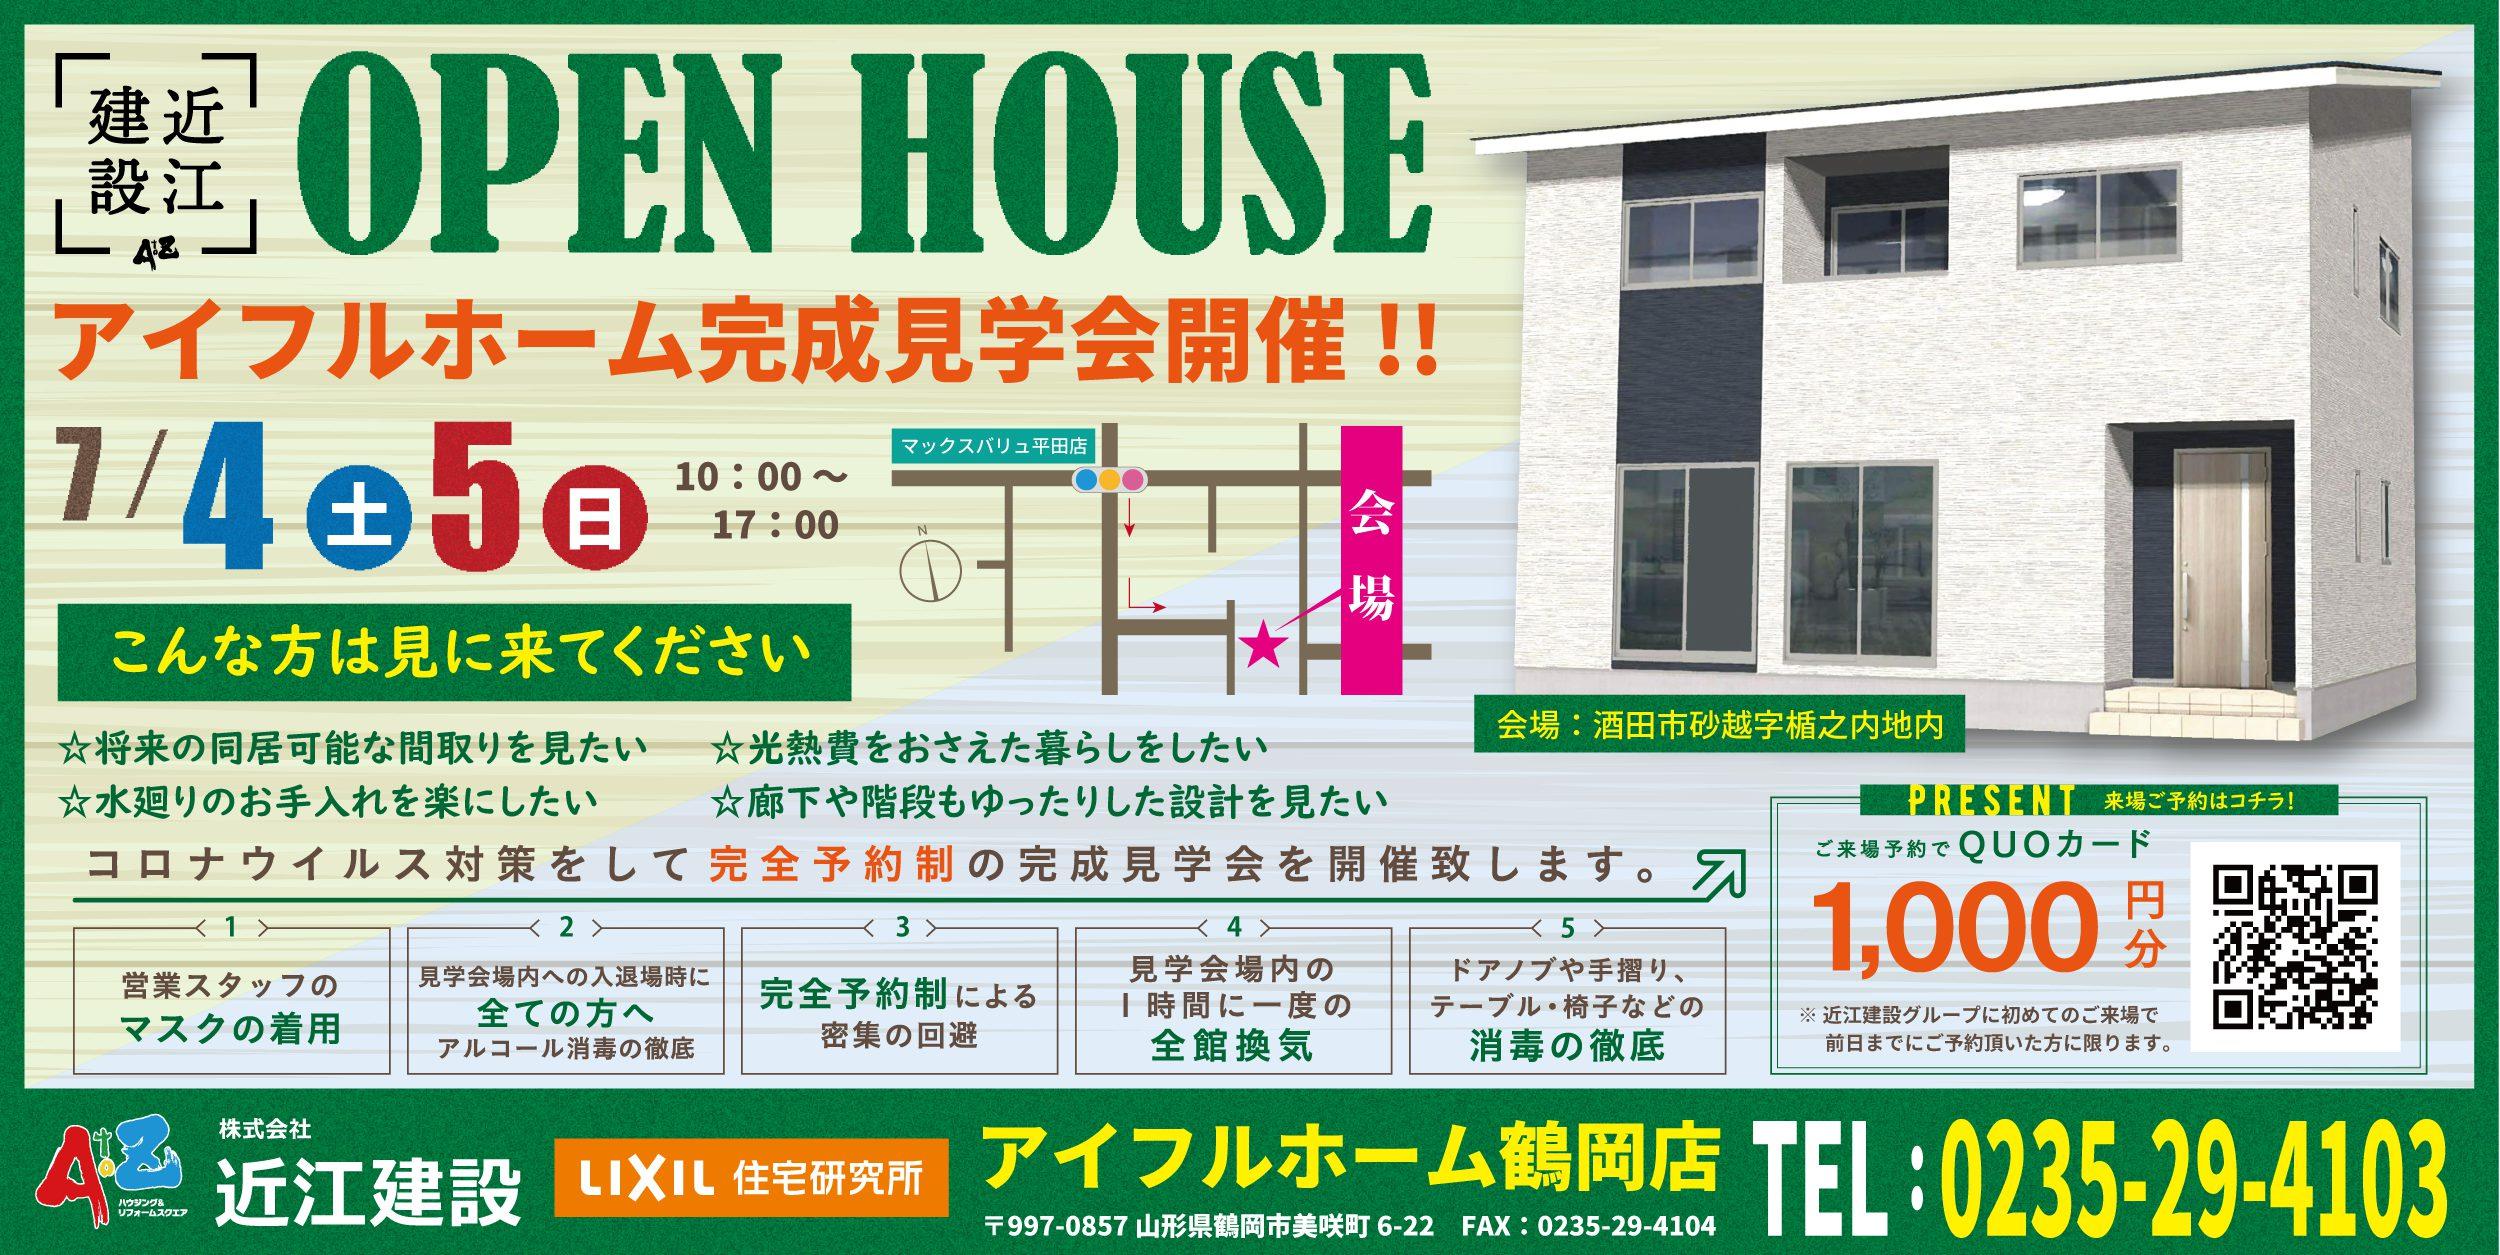 株式会社近江建設 アイフルホーム鶴岡店のイベント情報 7月4日5日